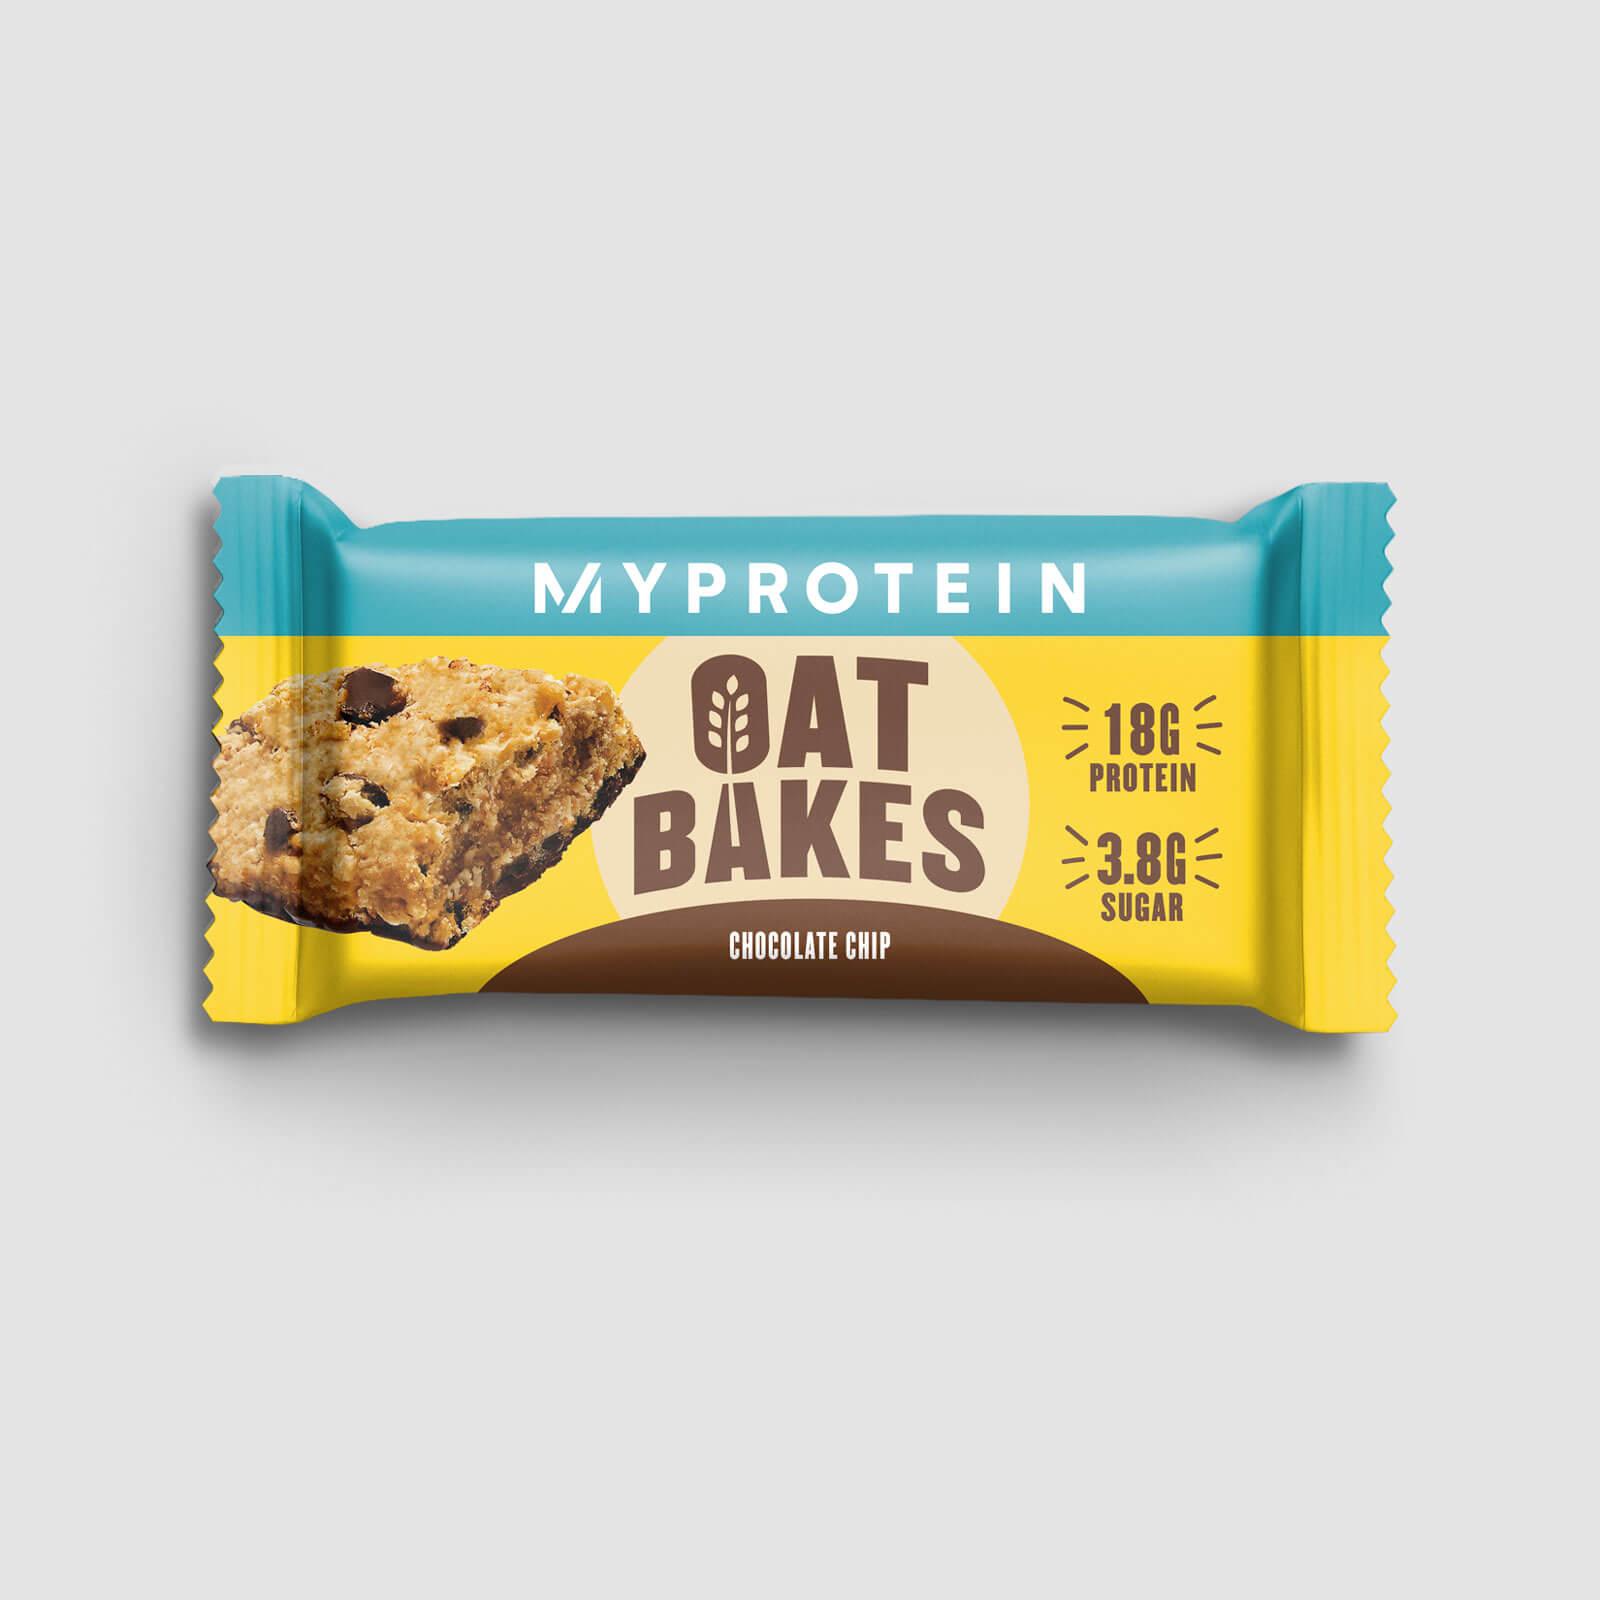 Oat Bakes (Sample) - Copeaux de chocolat